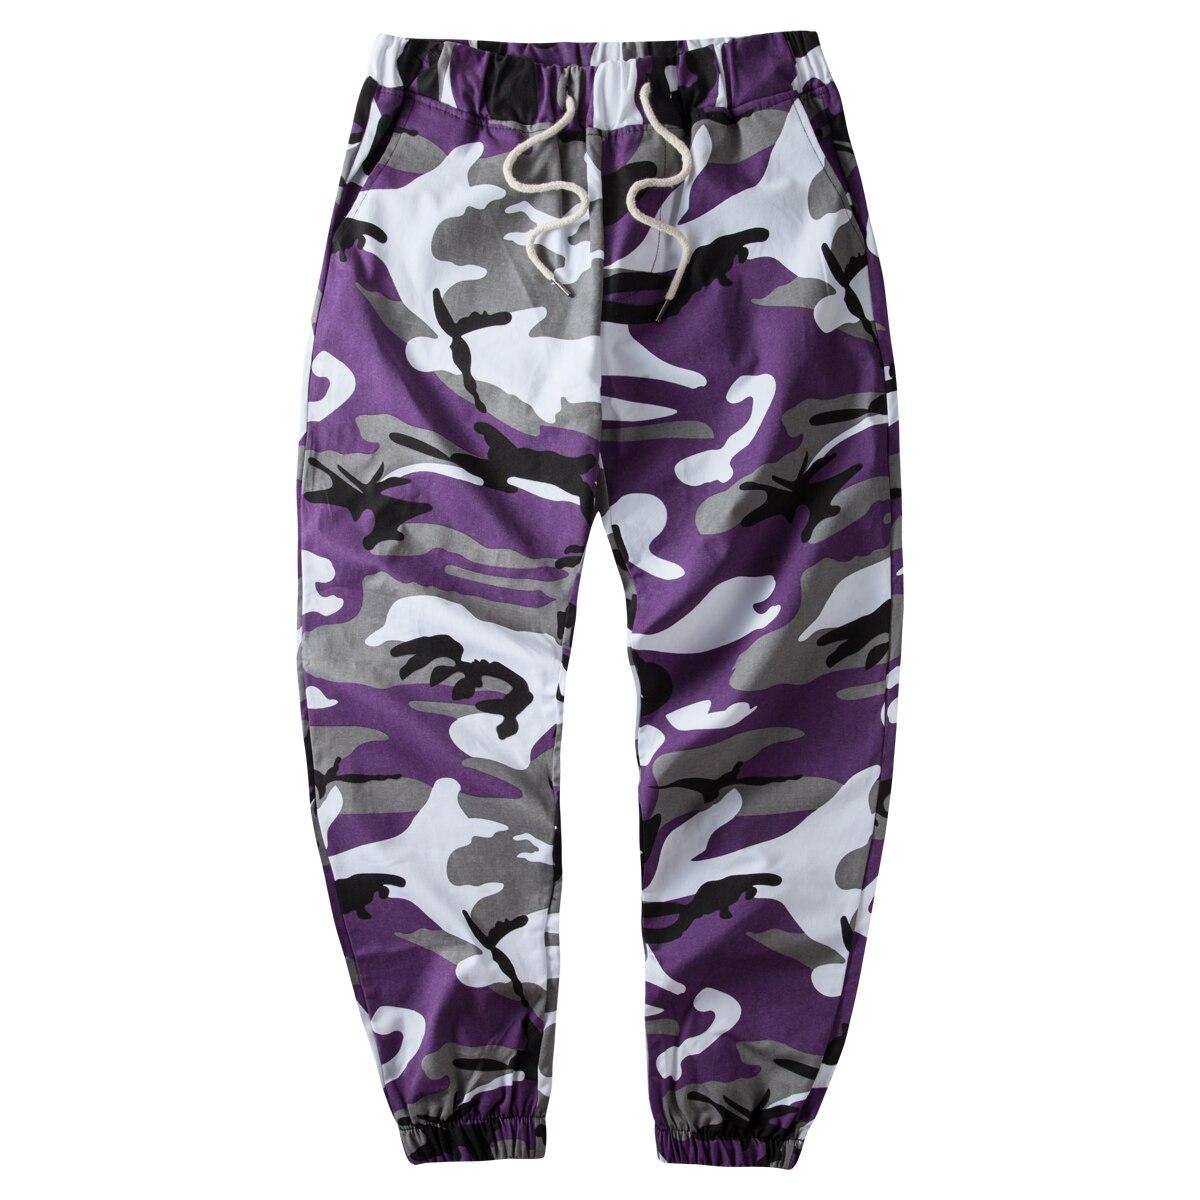 Image 2 - Ins pomarańczowe spodnie kamuflażowe do biegania męskie spodnie hip hopowe tkane na co dzień taktyczne wojskowe kieszenie na spodnie bawełniane 2020 spodnie dresoweSpodnie haremki   -